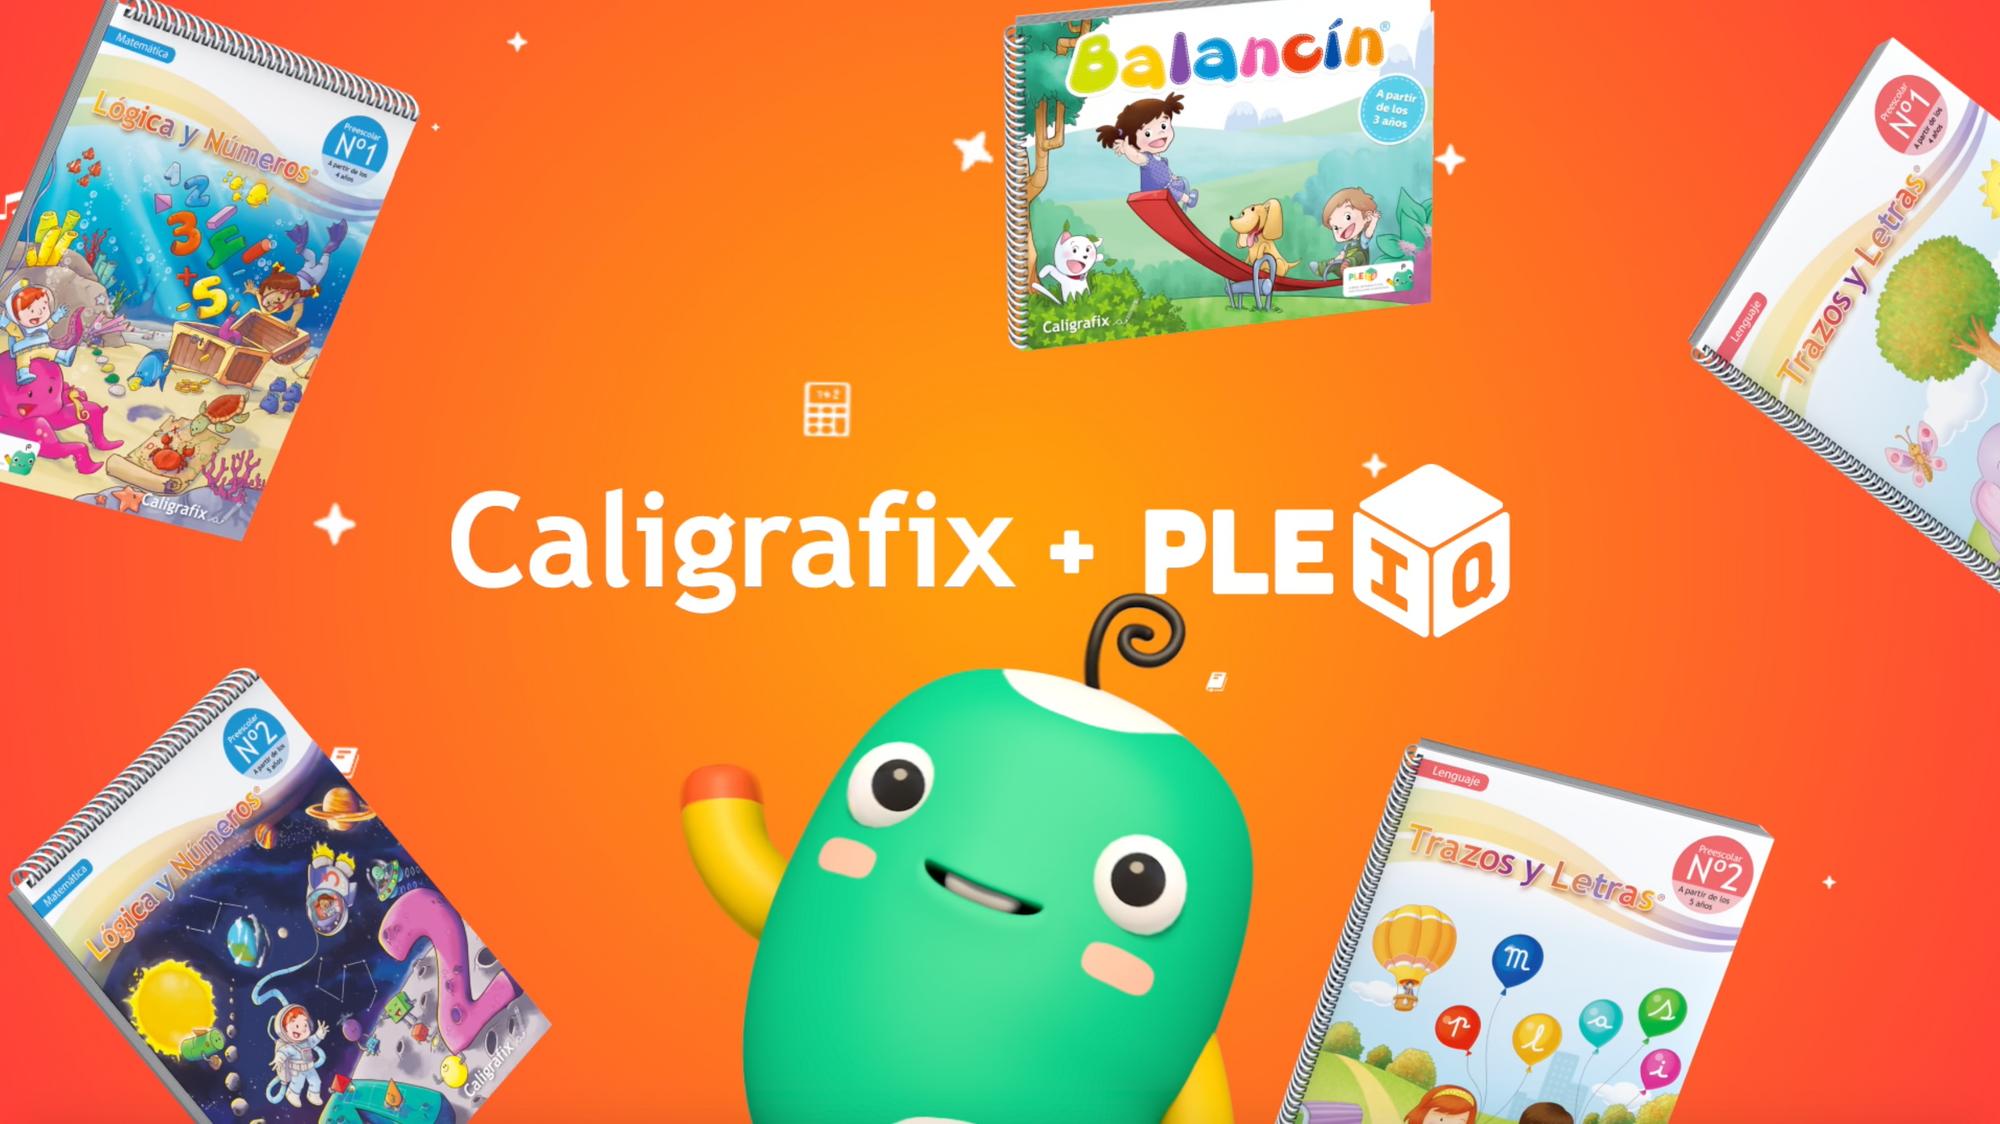 PleIQ y Caligrafix se alían para crear los primeros cuadernos interactivos de Chile y Latinoamérica.